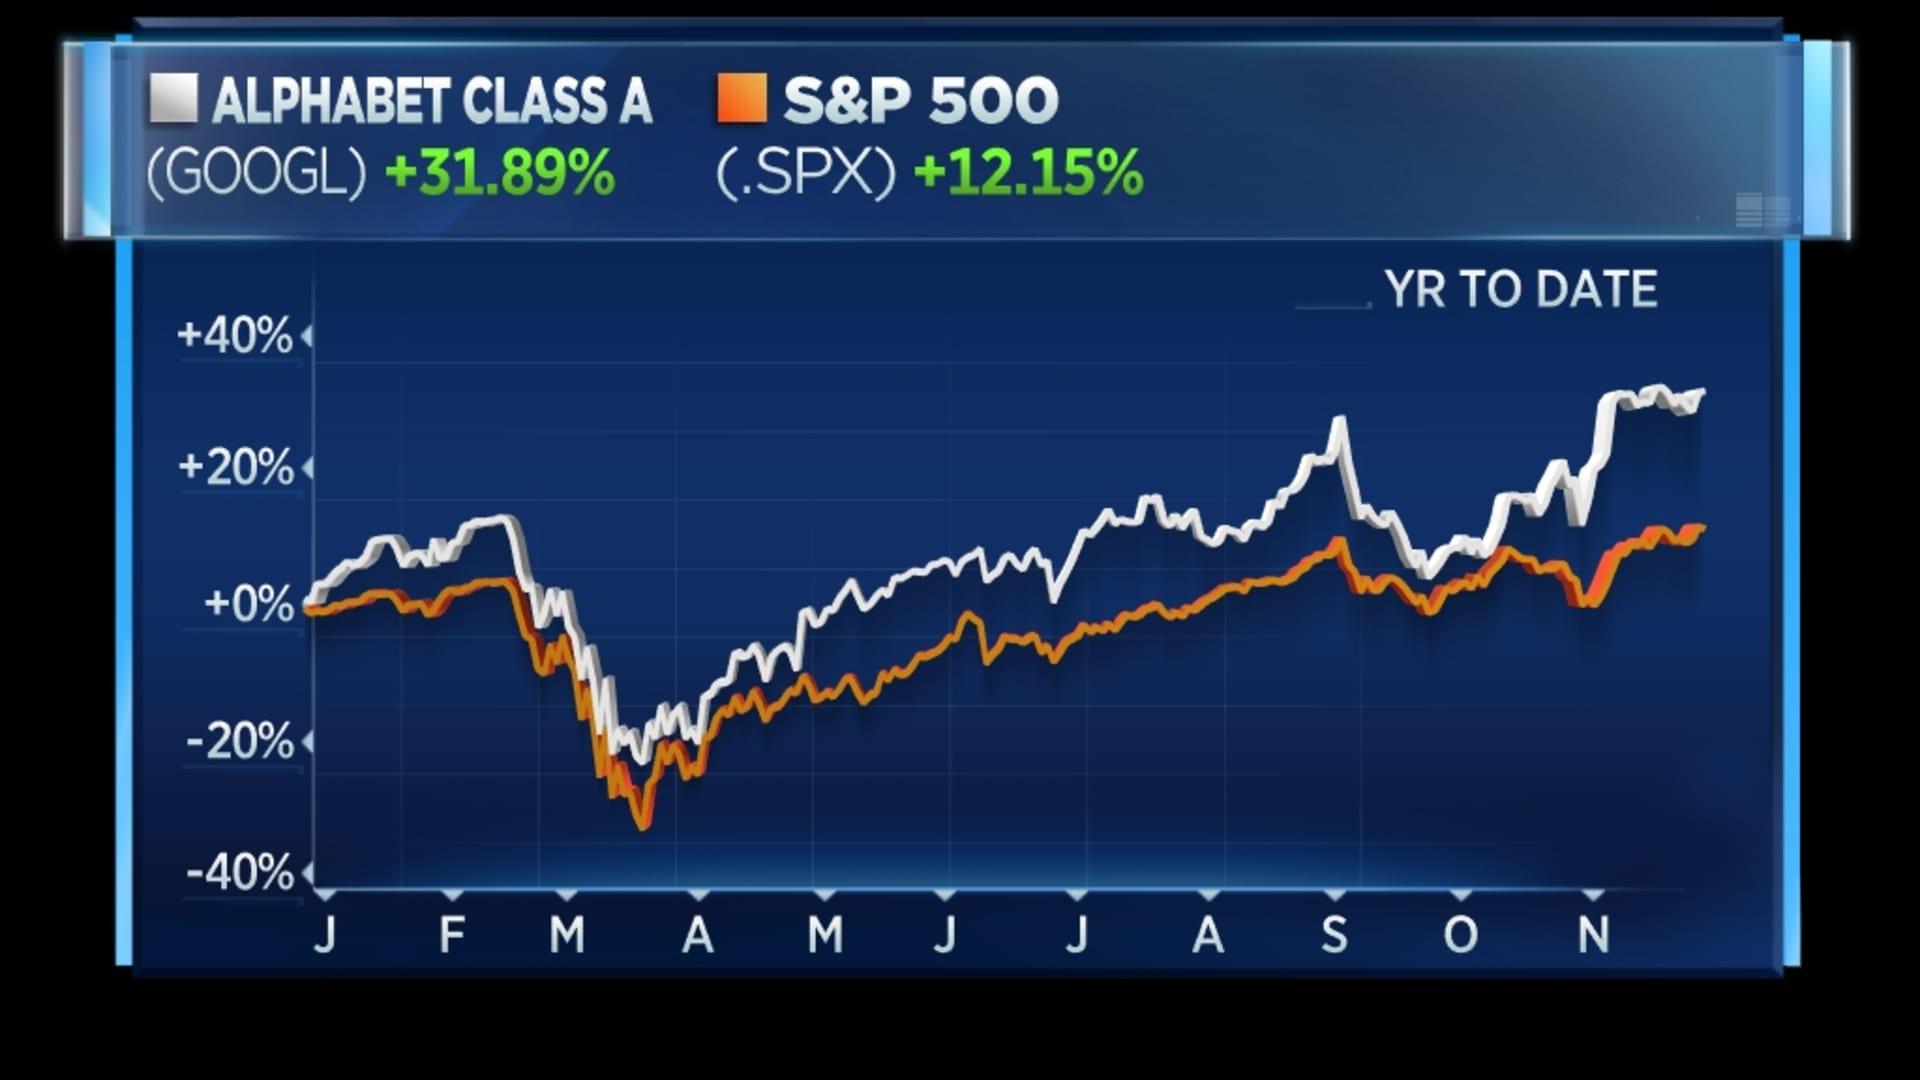 Google vs. S&P 500 this year